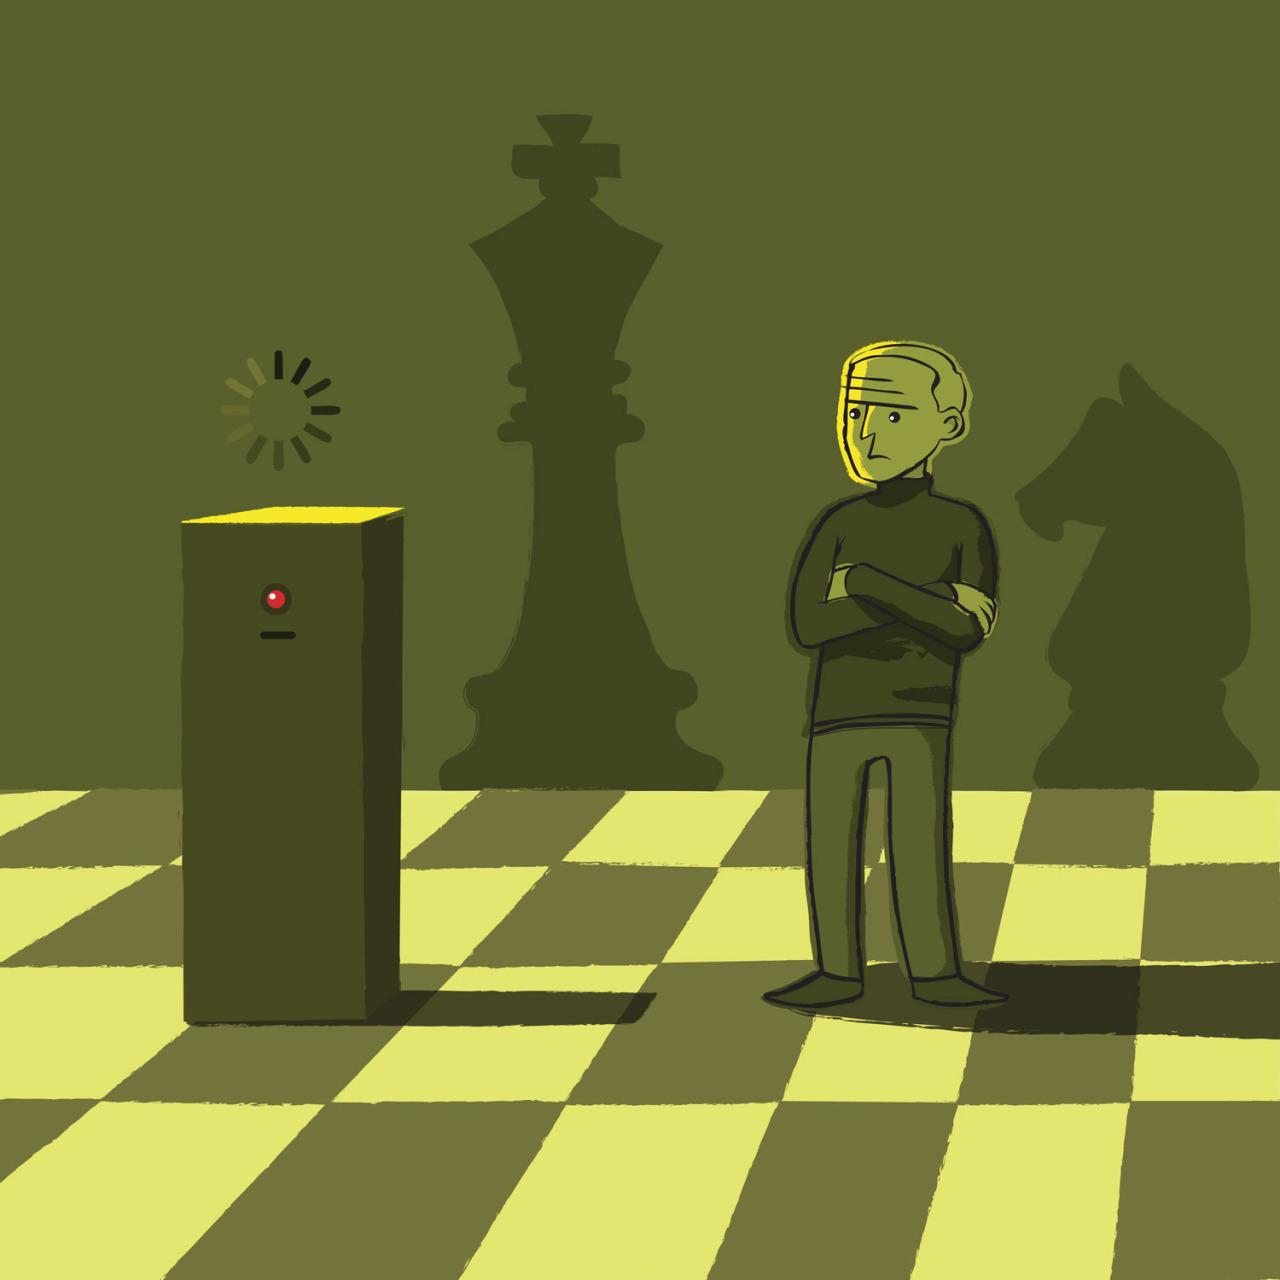 """17 febbraio 1996, Boris Kasparov batte a scacchi il supercomputer """"Deep Blue"""" della IBM (© Nicola Ferrarese)"""